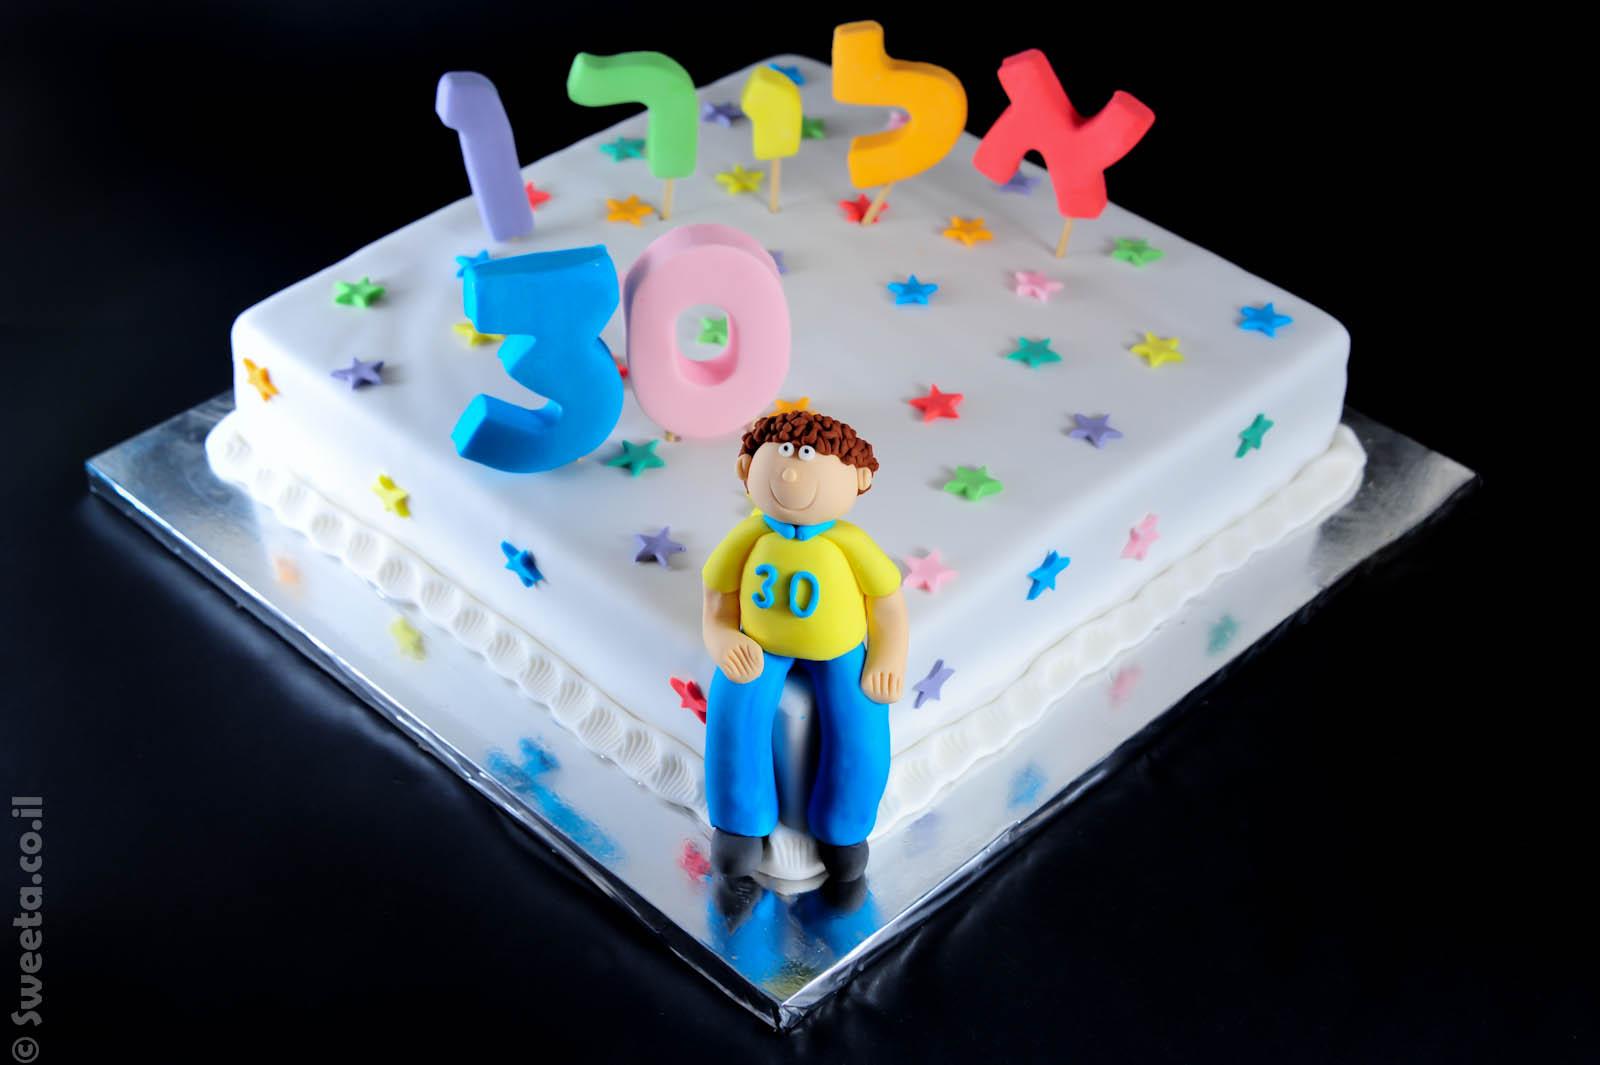 עוגה ליום הולדת שלושים עם דמות יושבת על עוגה מרובעת